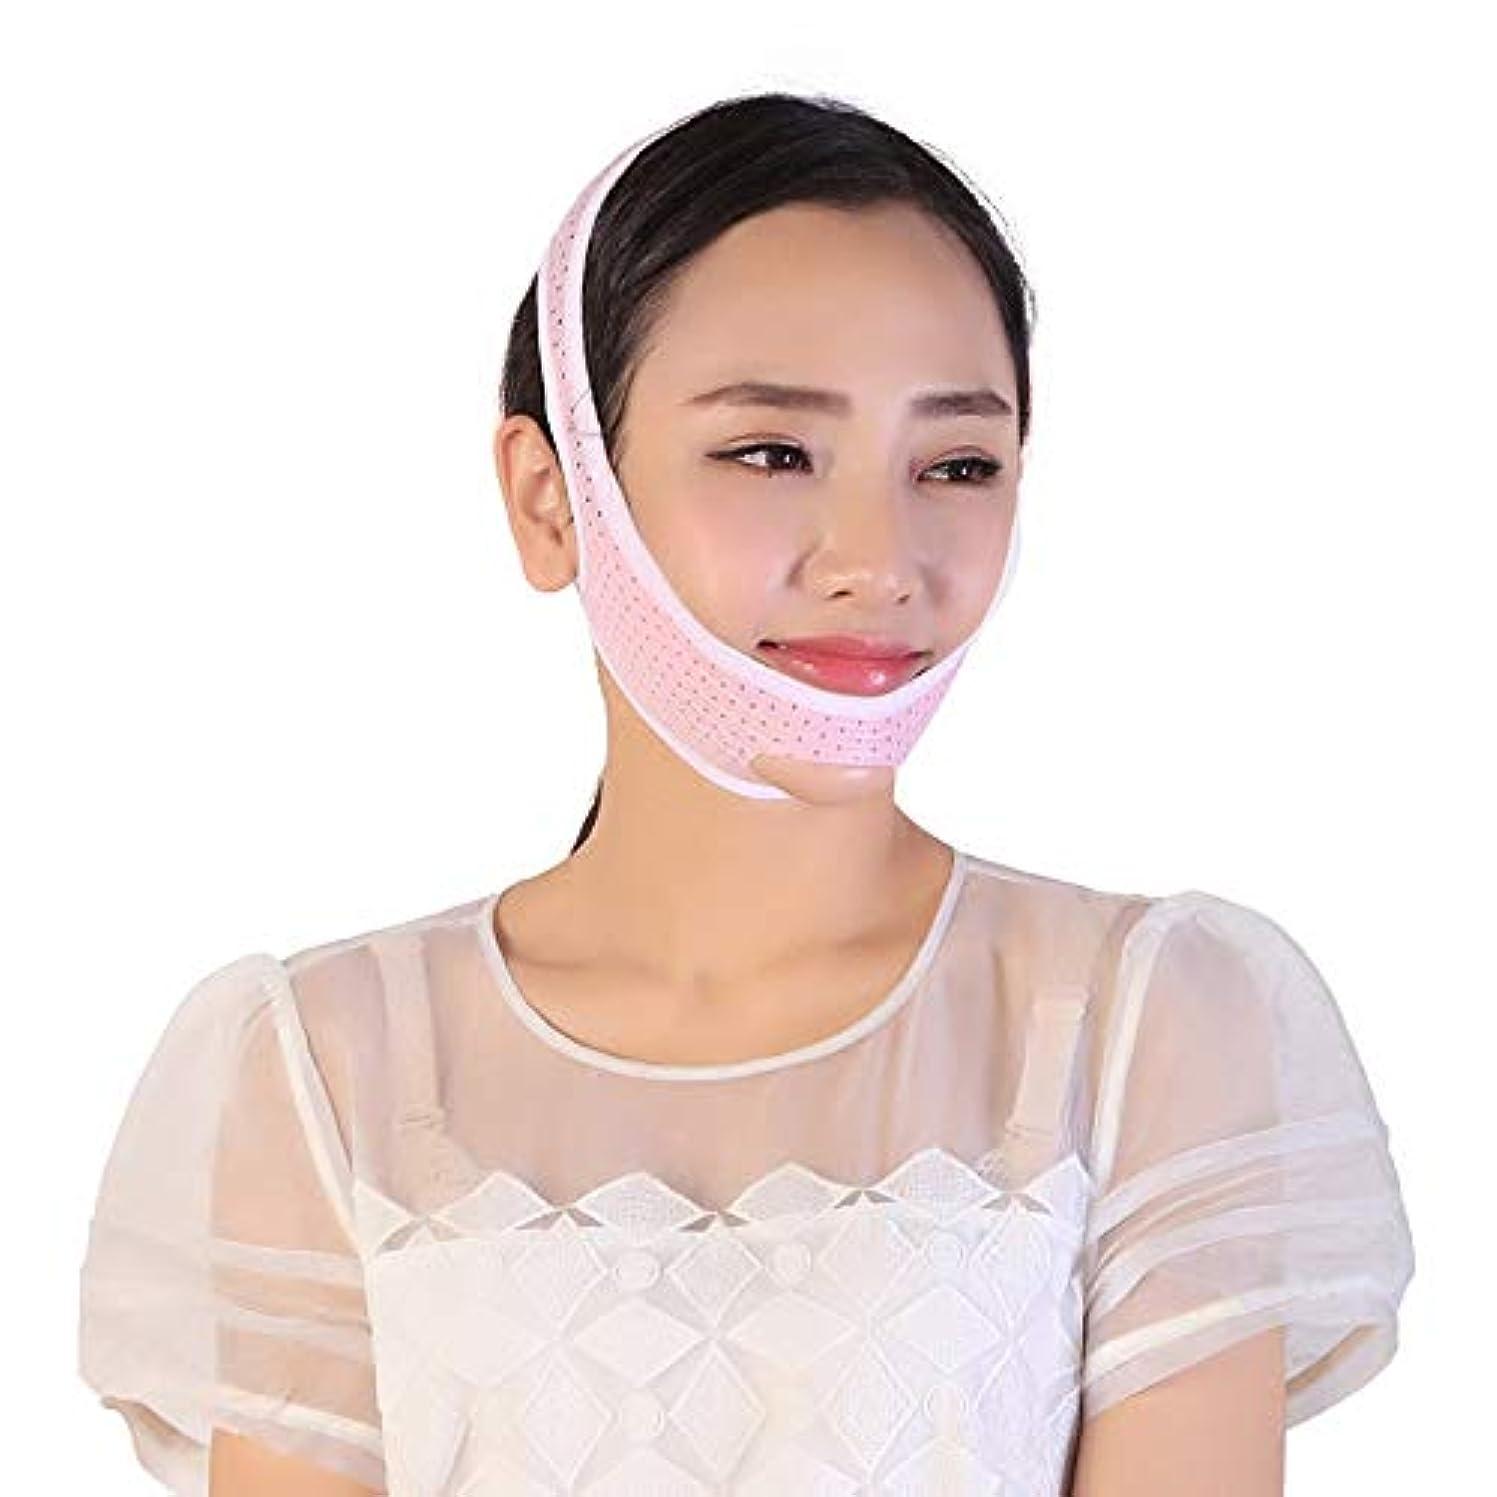 ゴネリル残り物論文薄い顔バンド、ライトスリープ薄い顔包帯二重あごフェイスリフトファーミングアンチリンクルフェイスアーティファクトVフェイスマスク、2つのサイズ (Size : M)